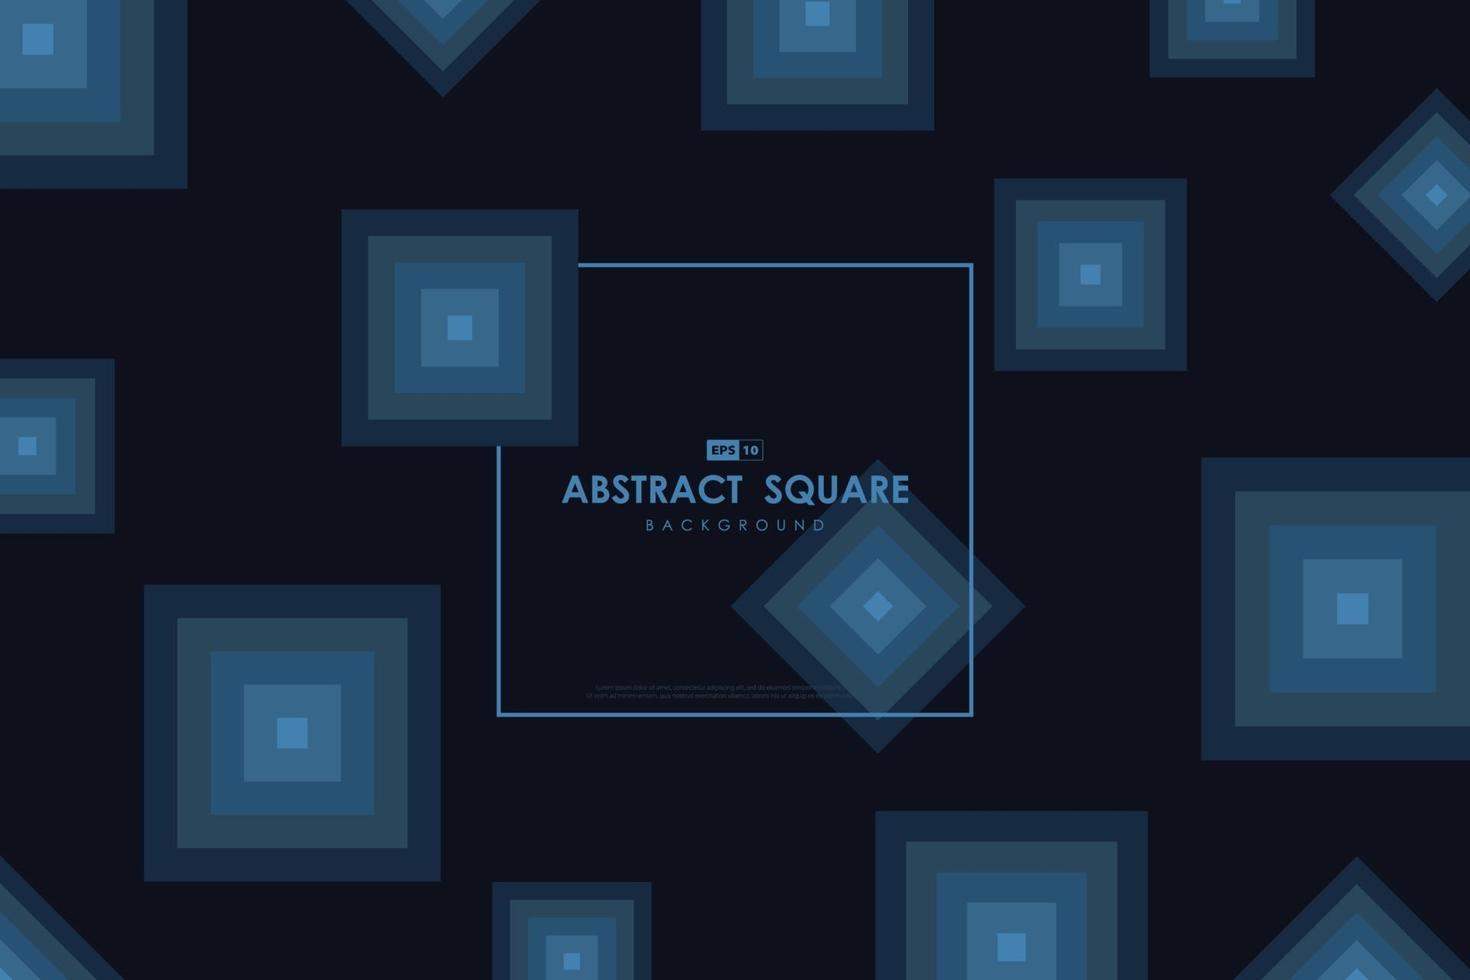 Fondo azul abstracto del diseño del cartel de las ilustraciones del modelo cuadrado mínimo. ilustración vectorial eps10 vector